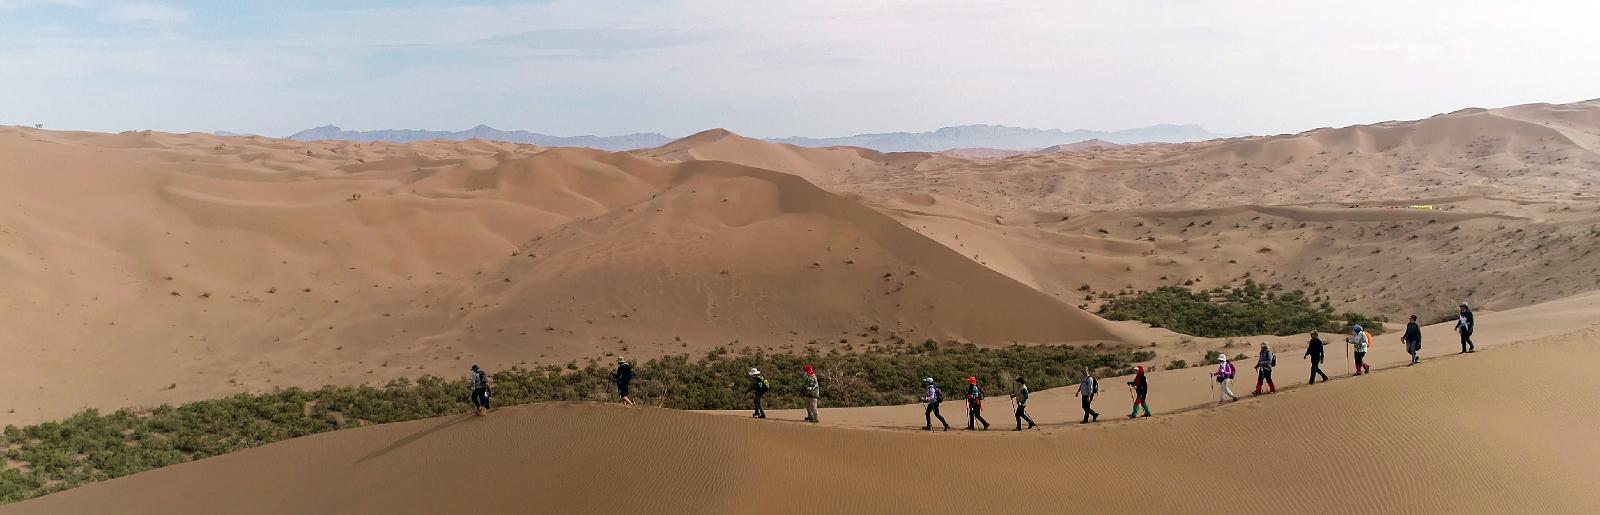 Desert Tour of Rig-e Jenn